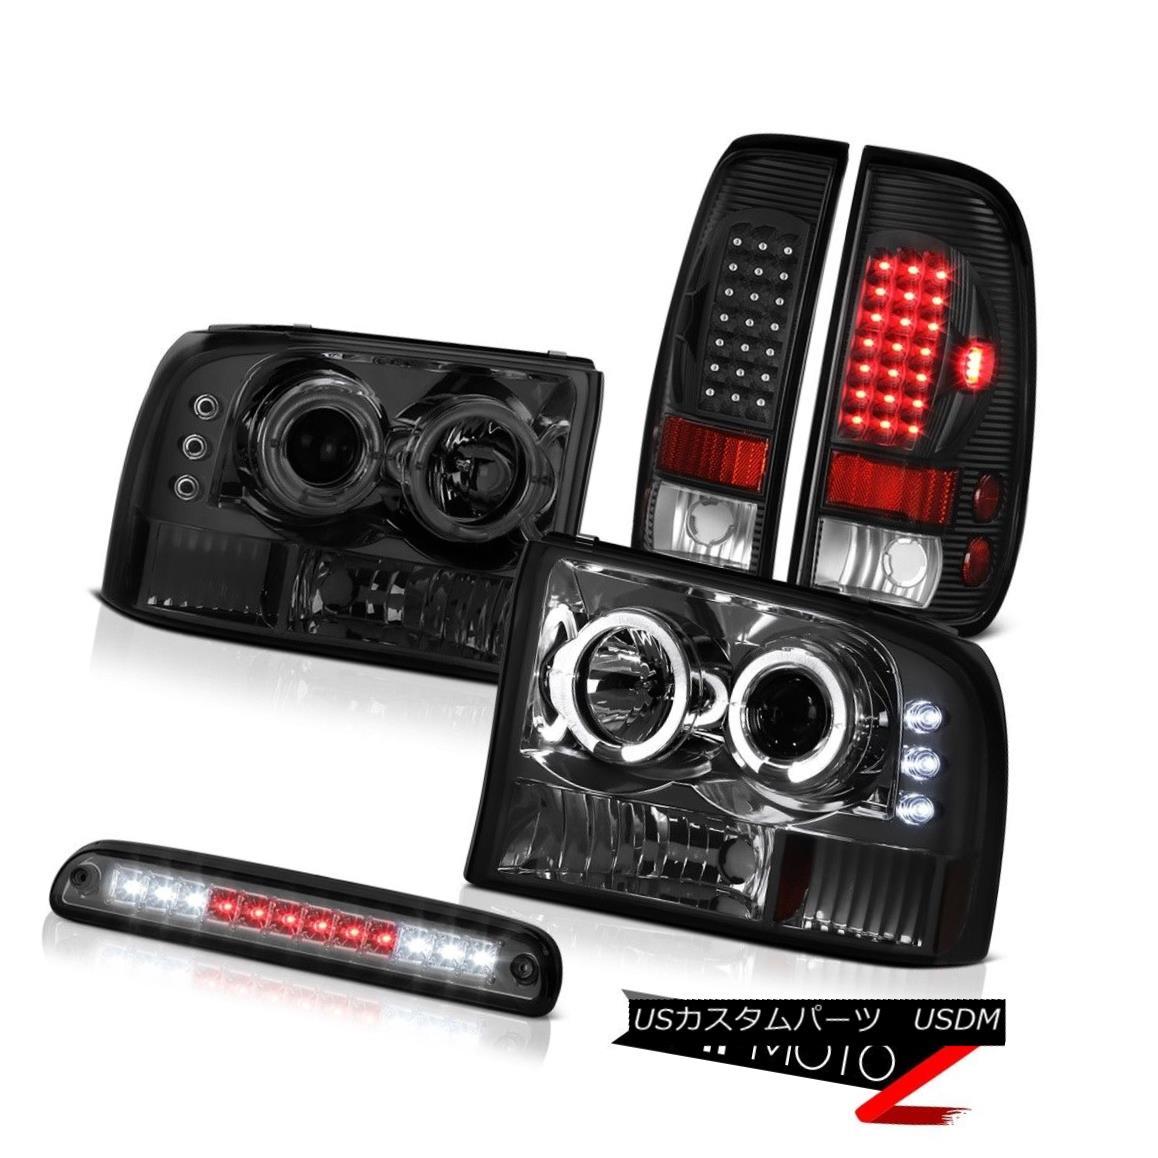 テールライト Headlight Halo DRL LED High Stop Smoke Bright Tail Light 99-04 F250 Turbo Diesel ヘッドライトHalo DRL LEDハイストップスモークブライトテールライト99-04 F250ターボディーゼル